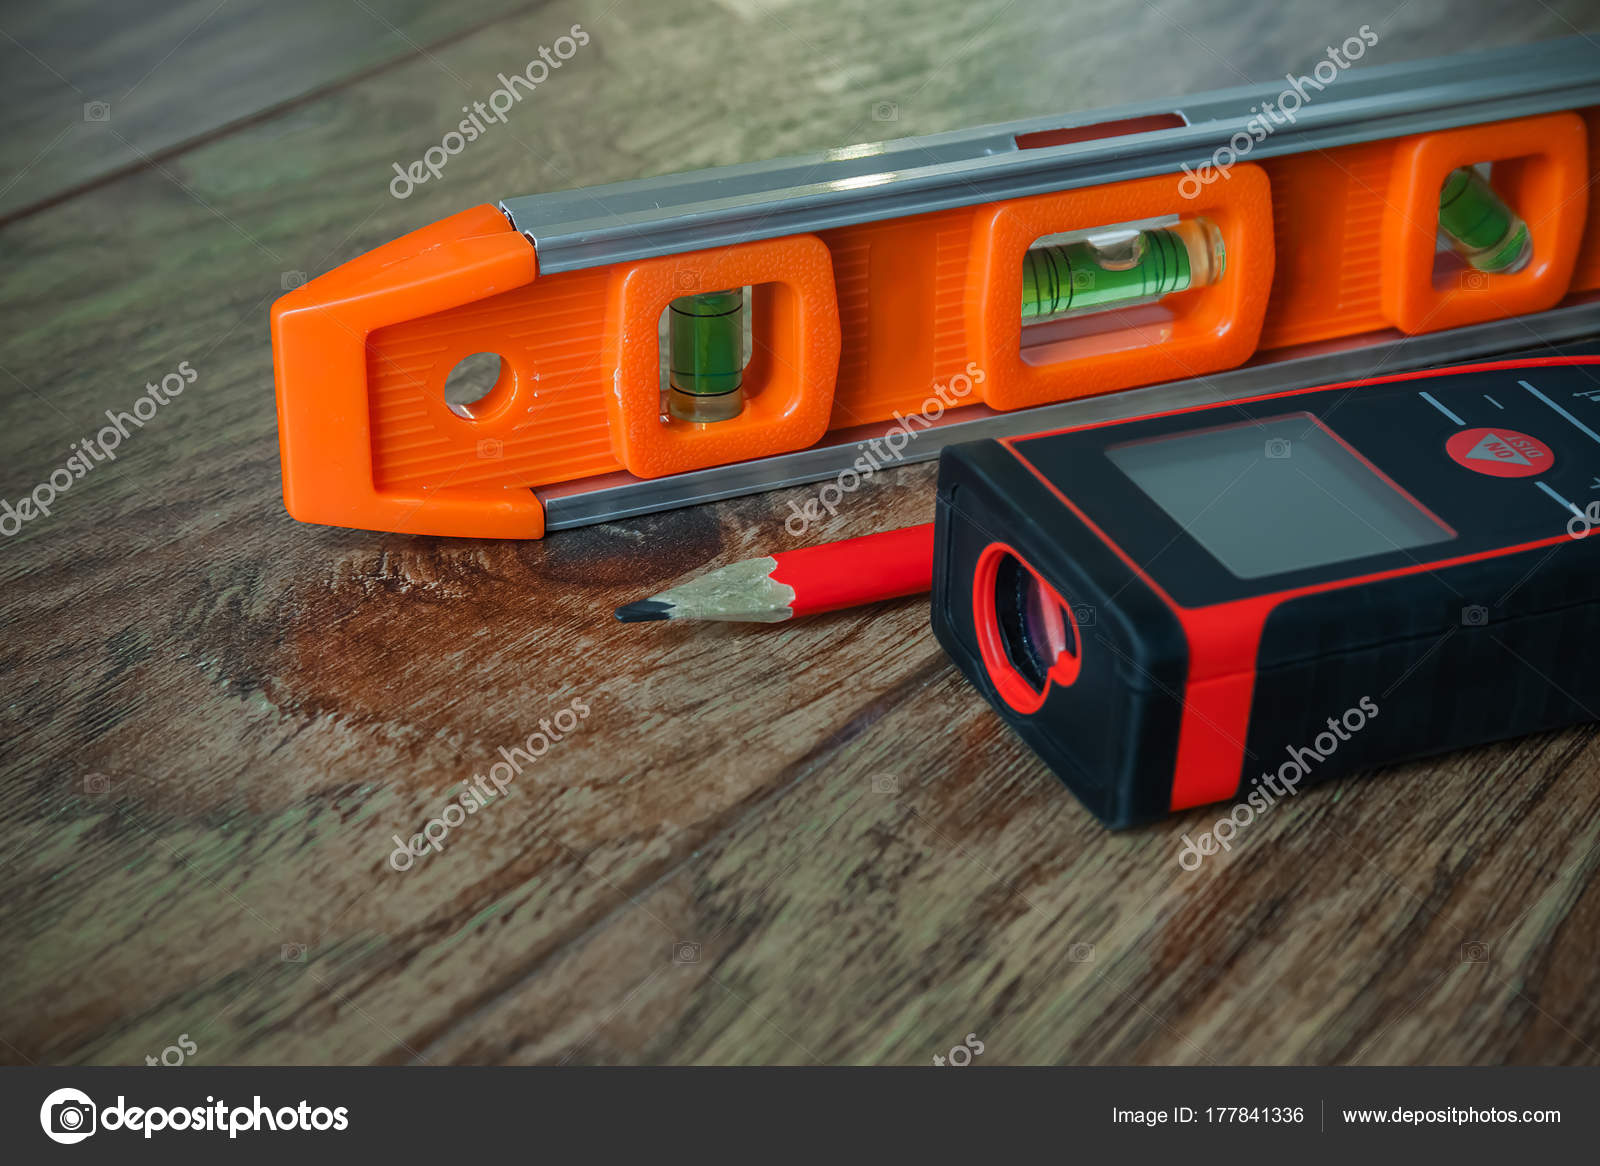 Laser Entfernungsmesser Usb : Optischen ebene laser entfernungsmesser und einem bleistift auf dem